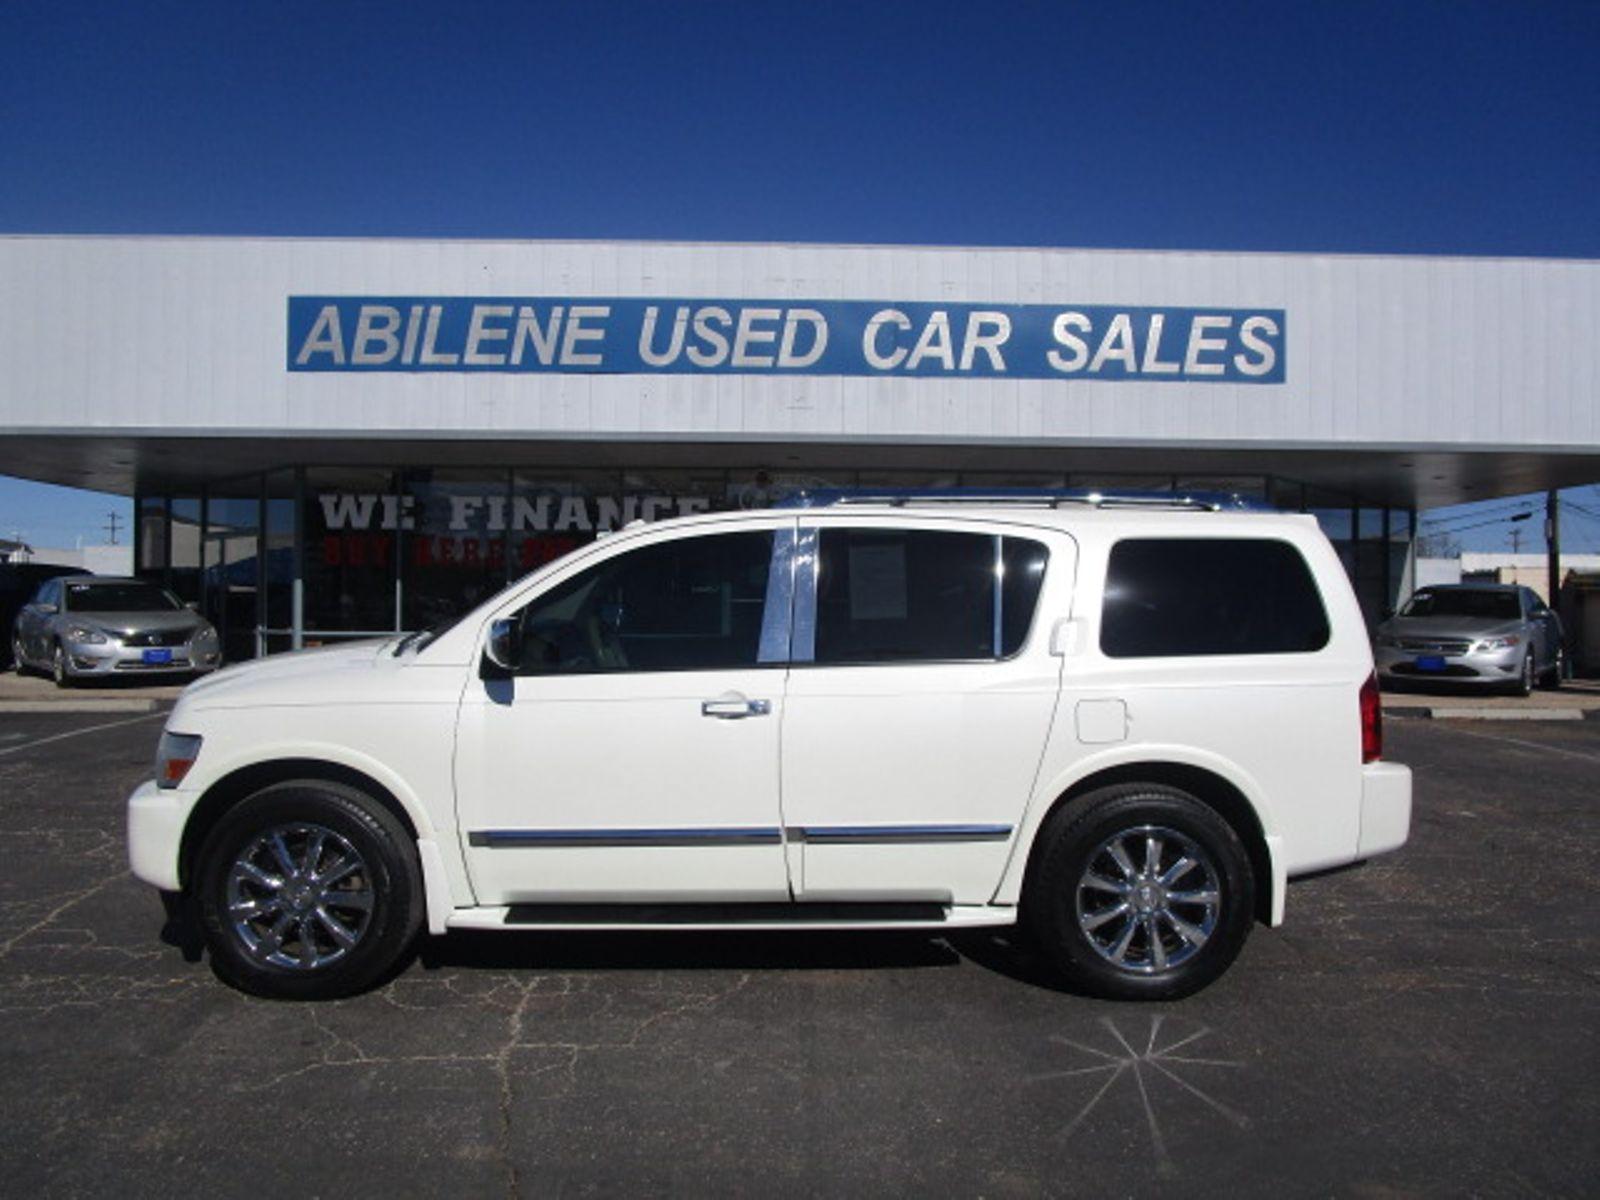 2009 Infiniti Qx56 Abilene Tx Abilene Used Car Sales